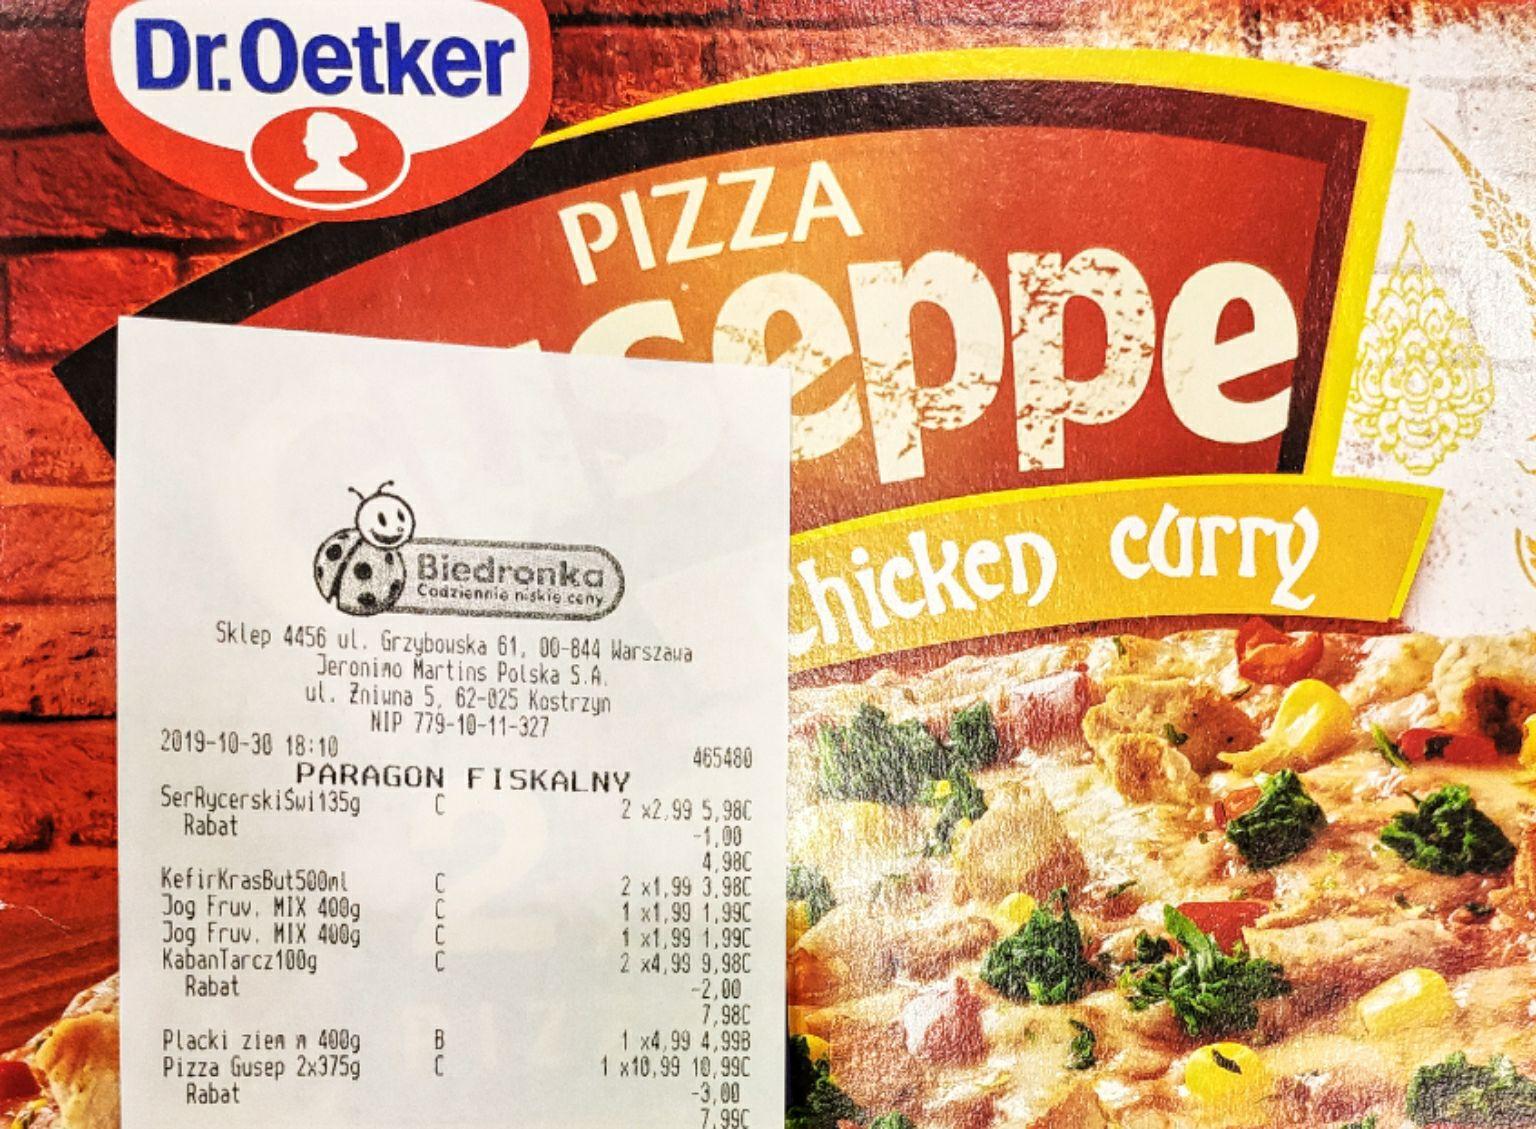 Biedronka - Pizza Giuseppe (2 sztuki) za 7.99PLN czyli 3.99PLN sztuka